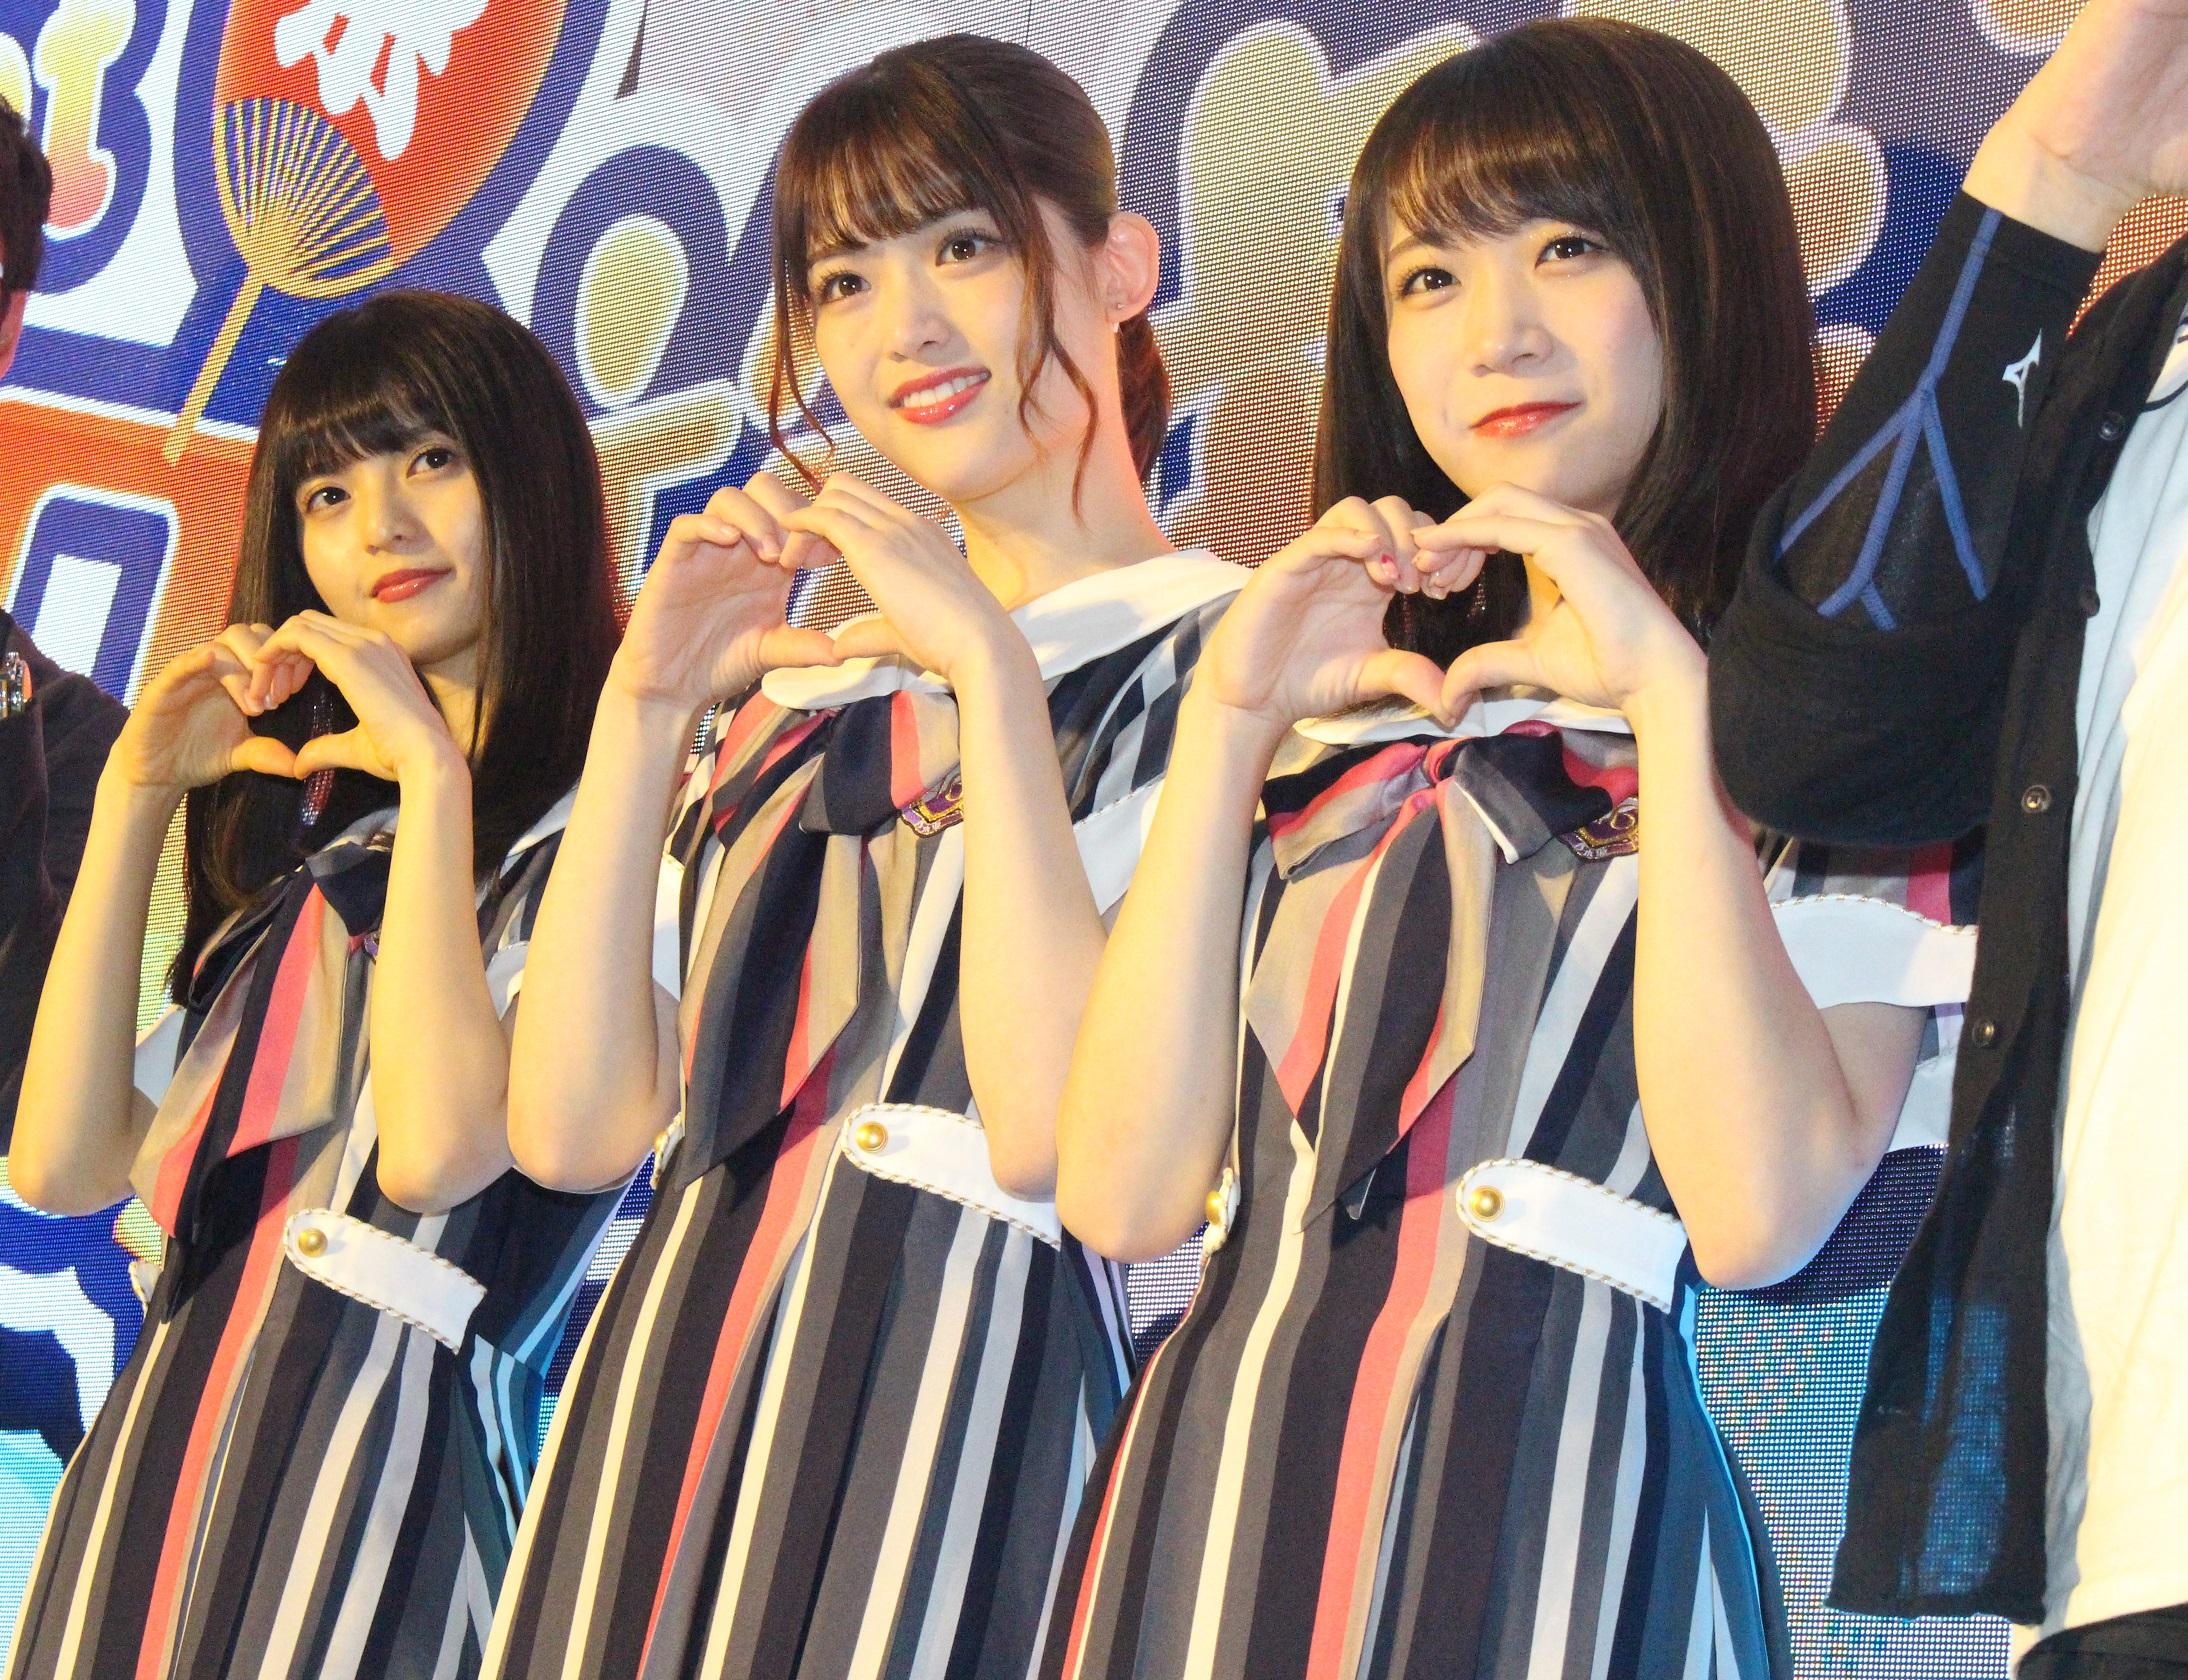 「So-net 夏日遊戲祭」邀重量級嘉賓「乃木坂46」共同開幕 乃木坂46:遊戲配音讓人臉紅心跳